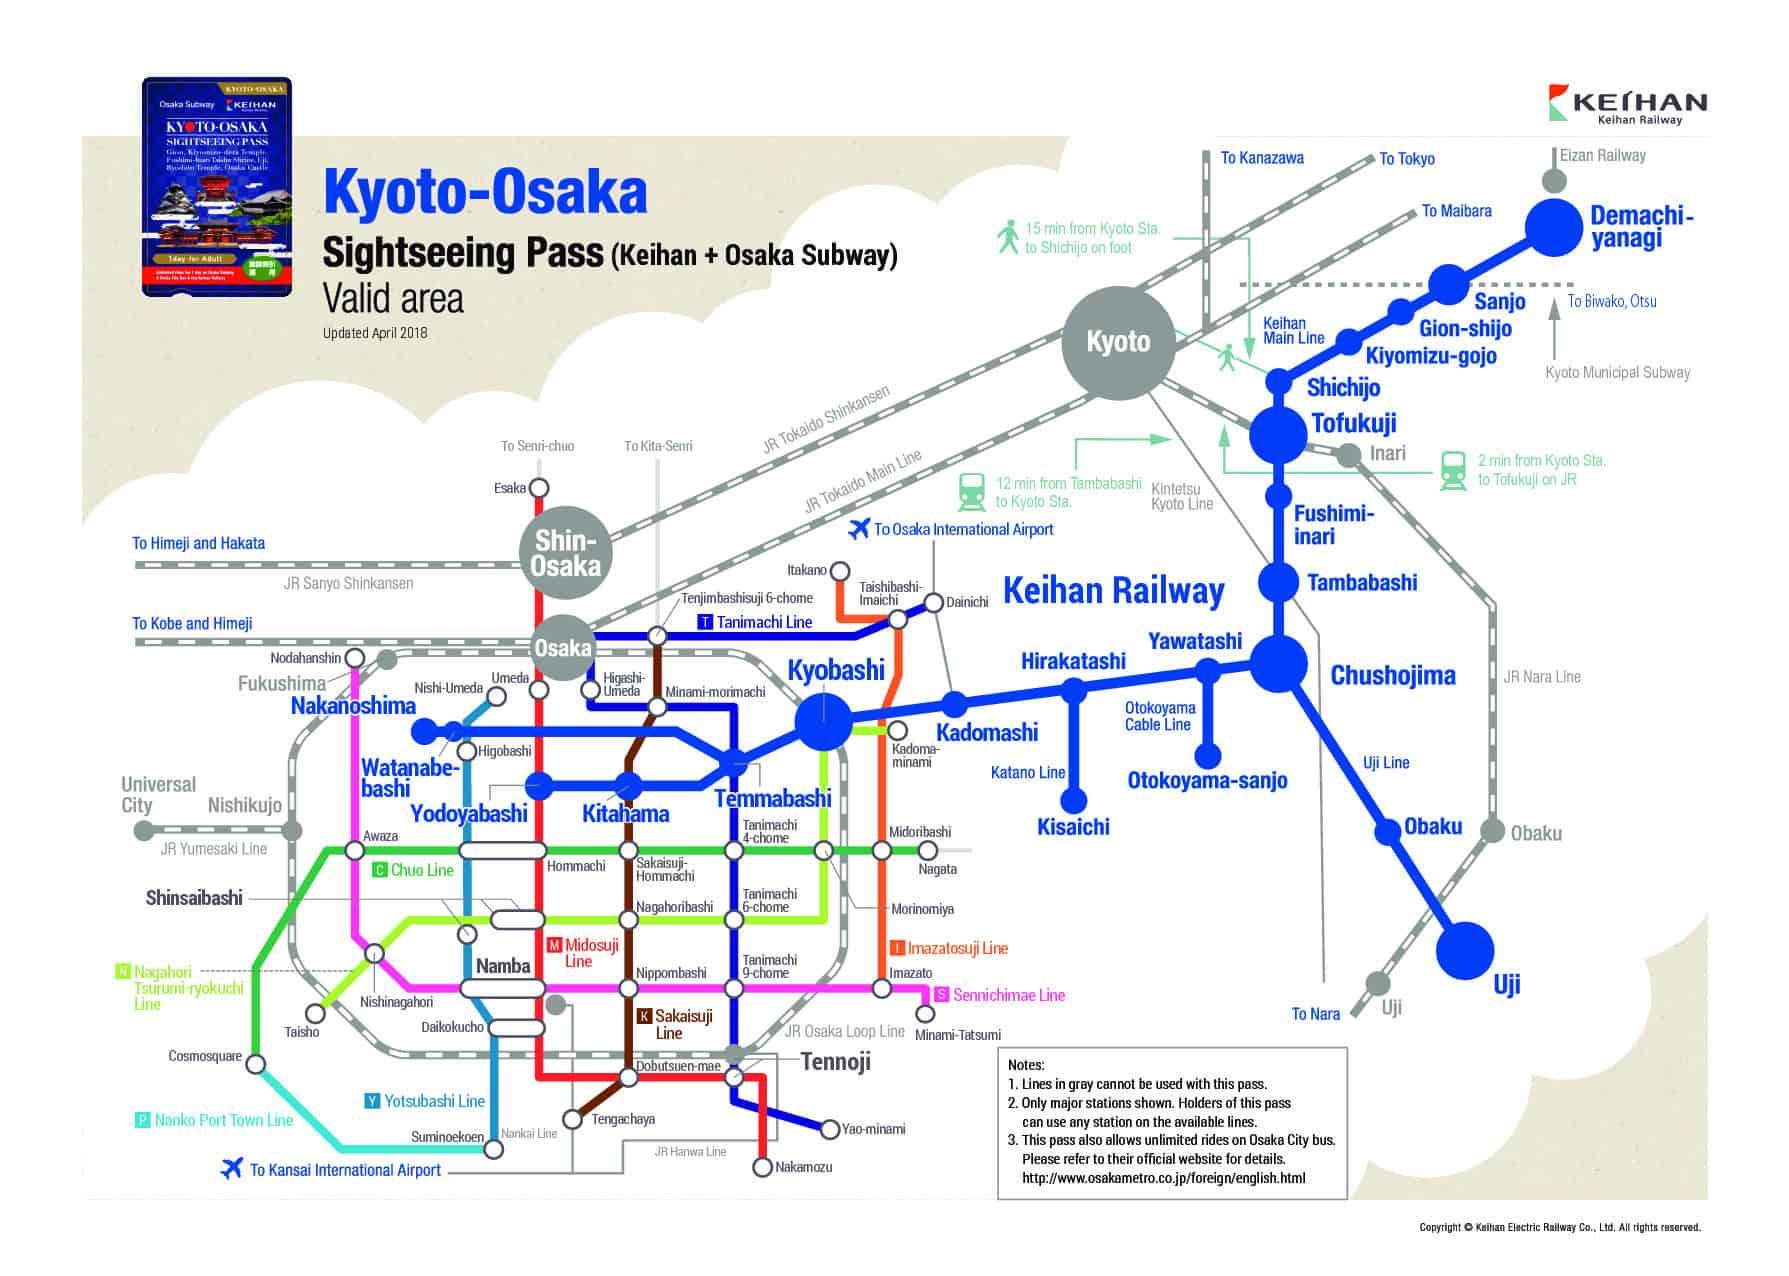 สถานีที่สามารถใช้ Sightseeing Pass 1 day (Kyoto-Osaka) ได้